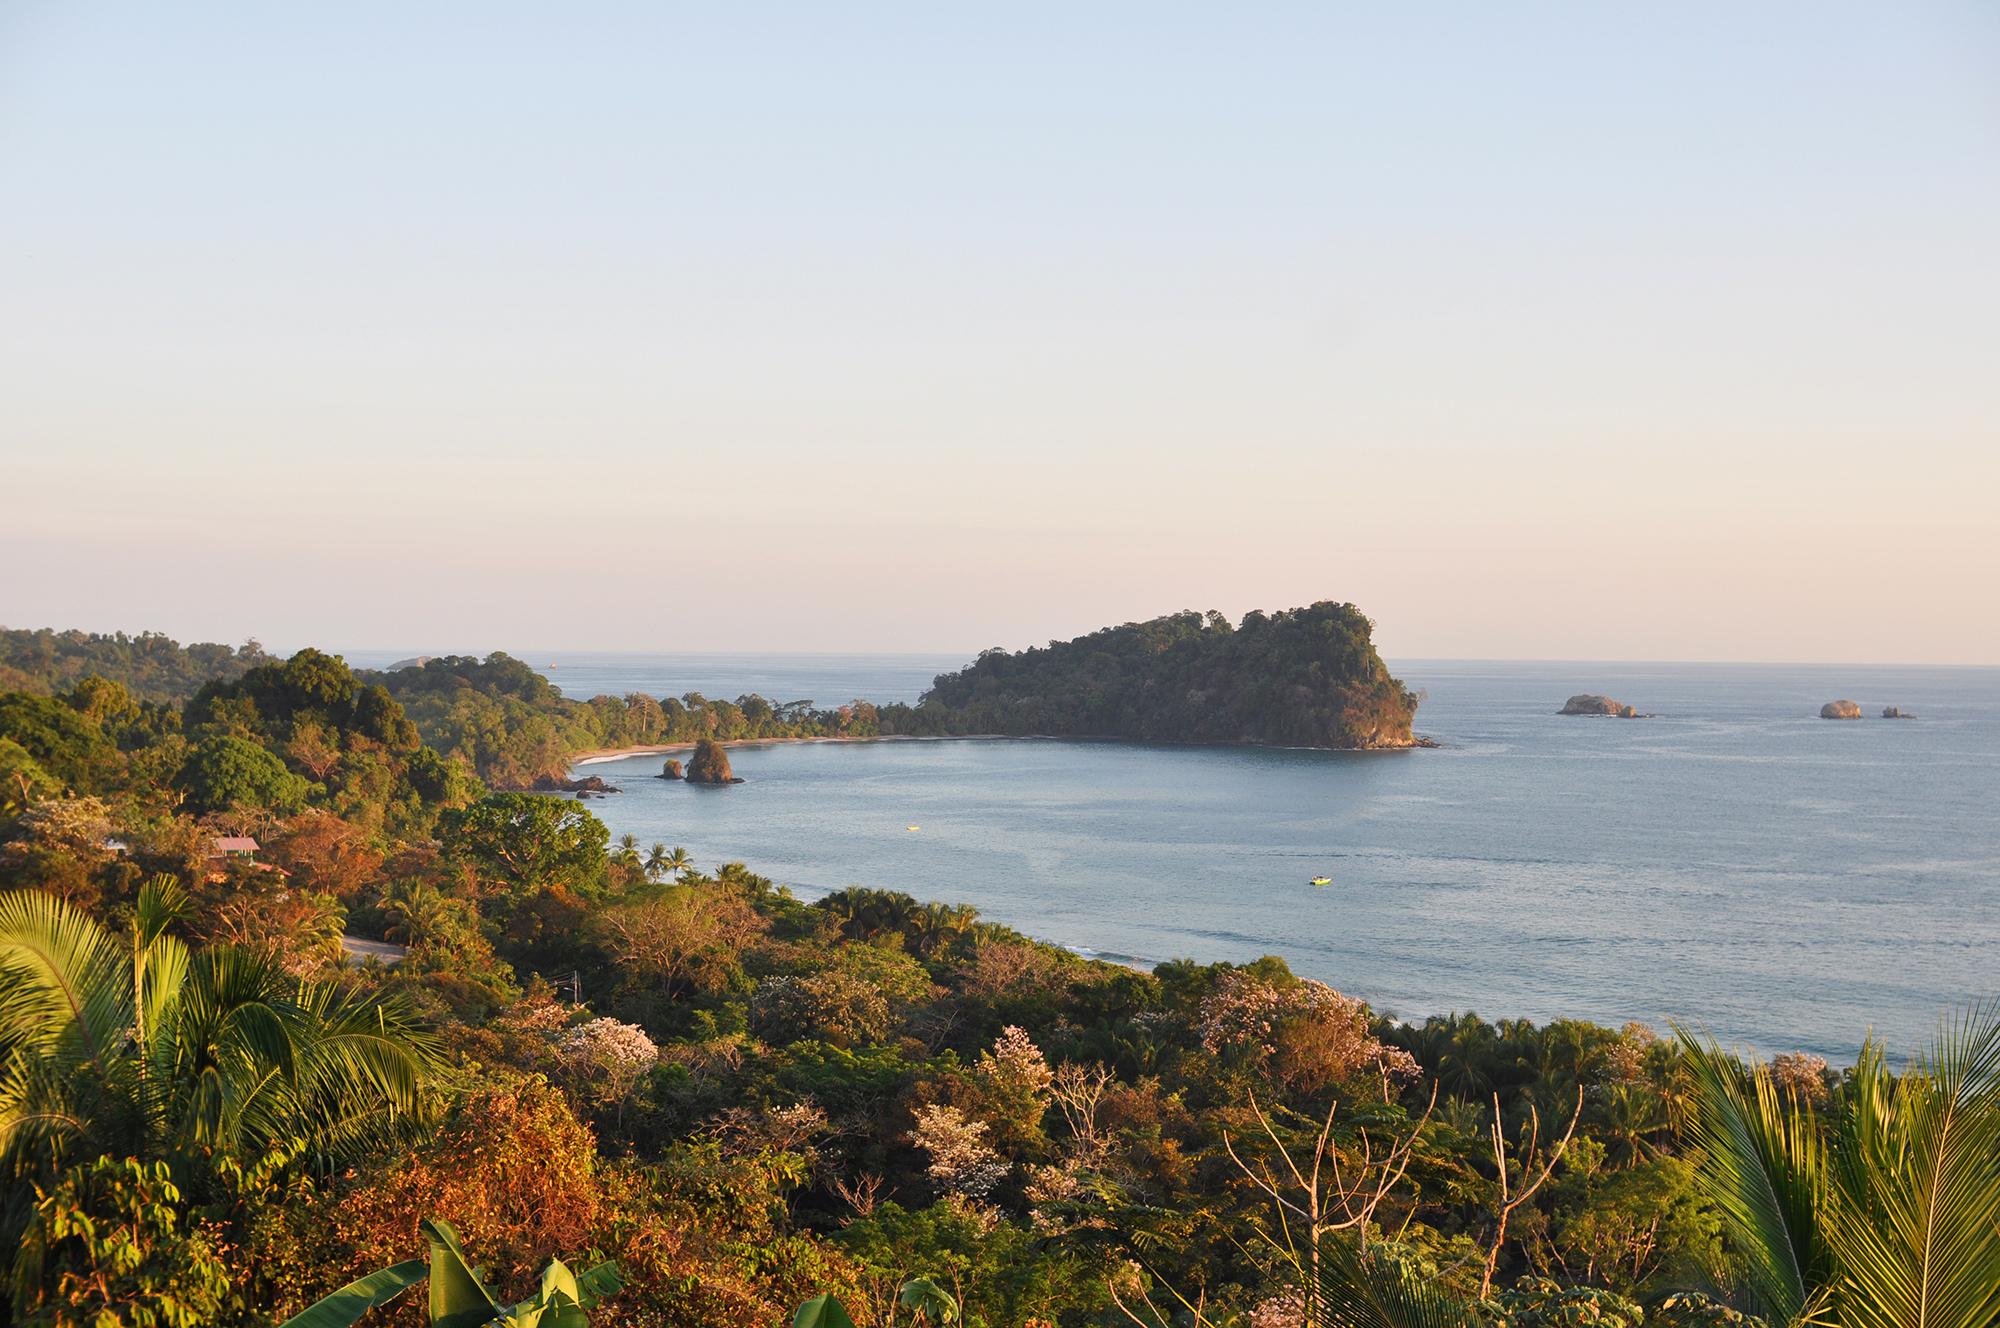 voyage-costa-rica-manuel-antonio-59